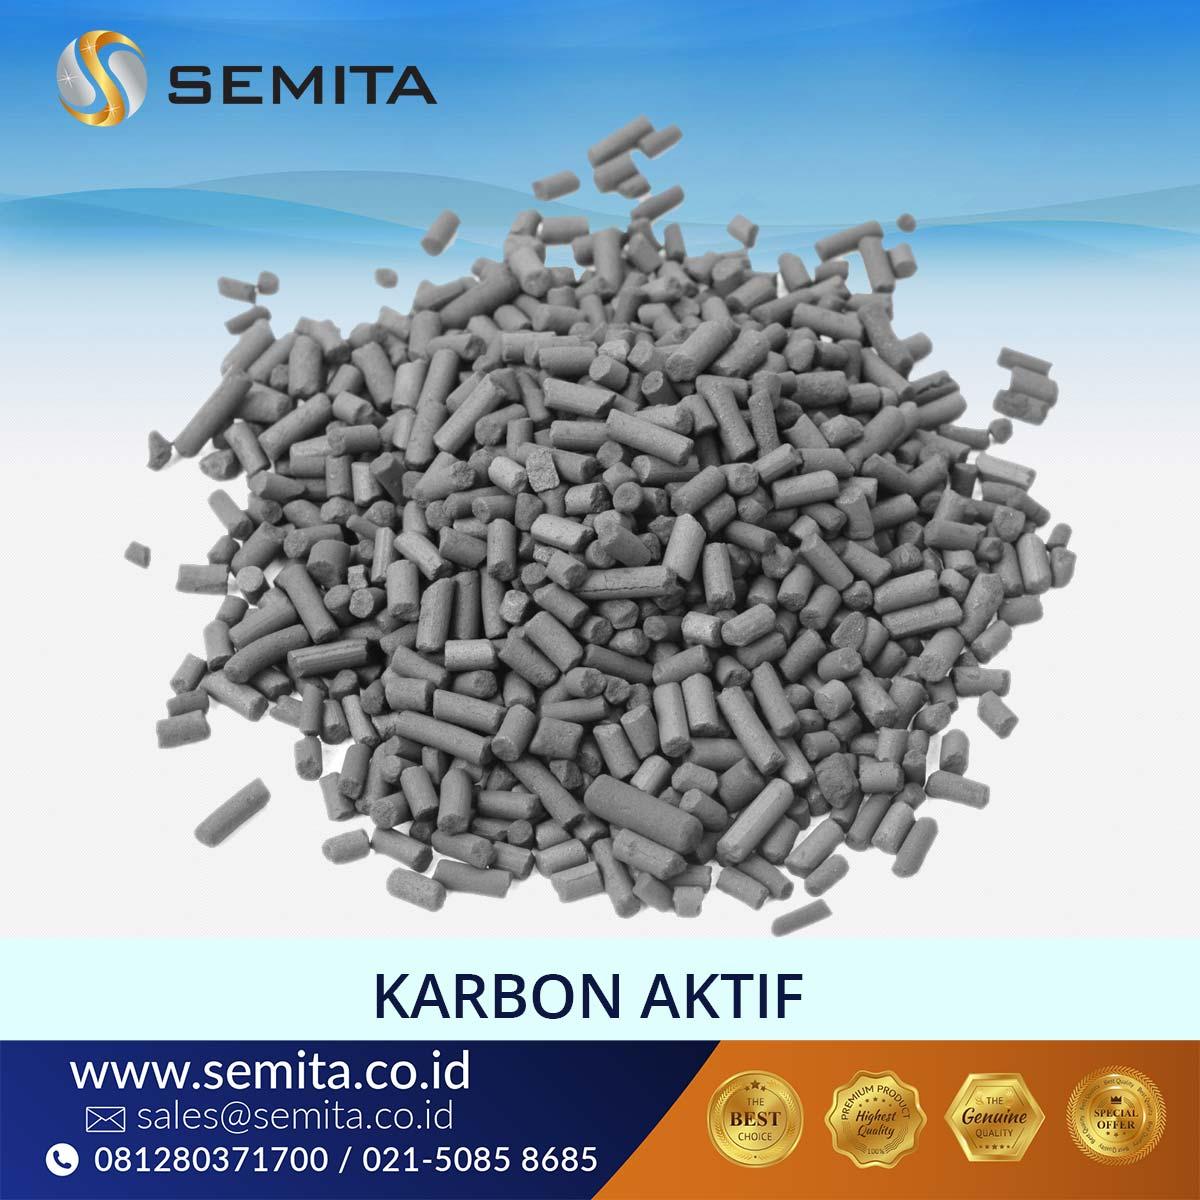 karbon-aktif-semita_2